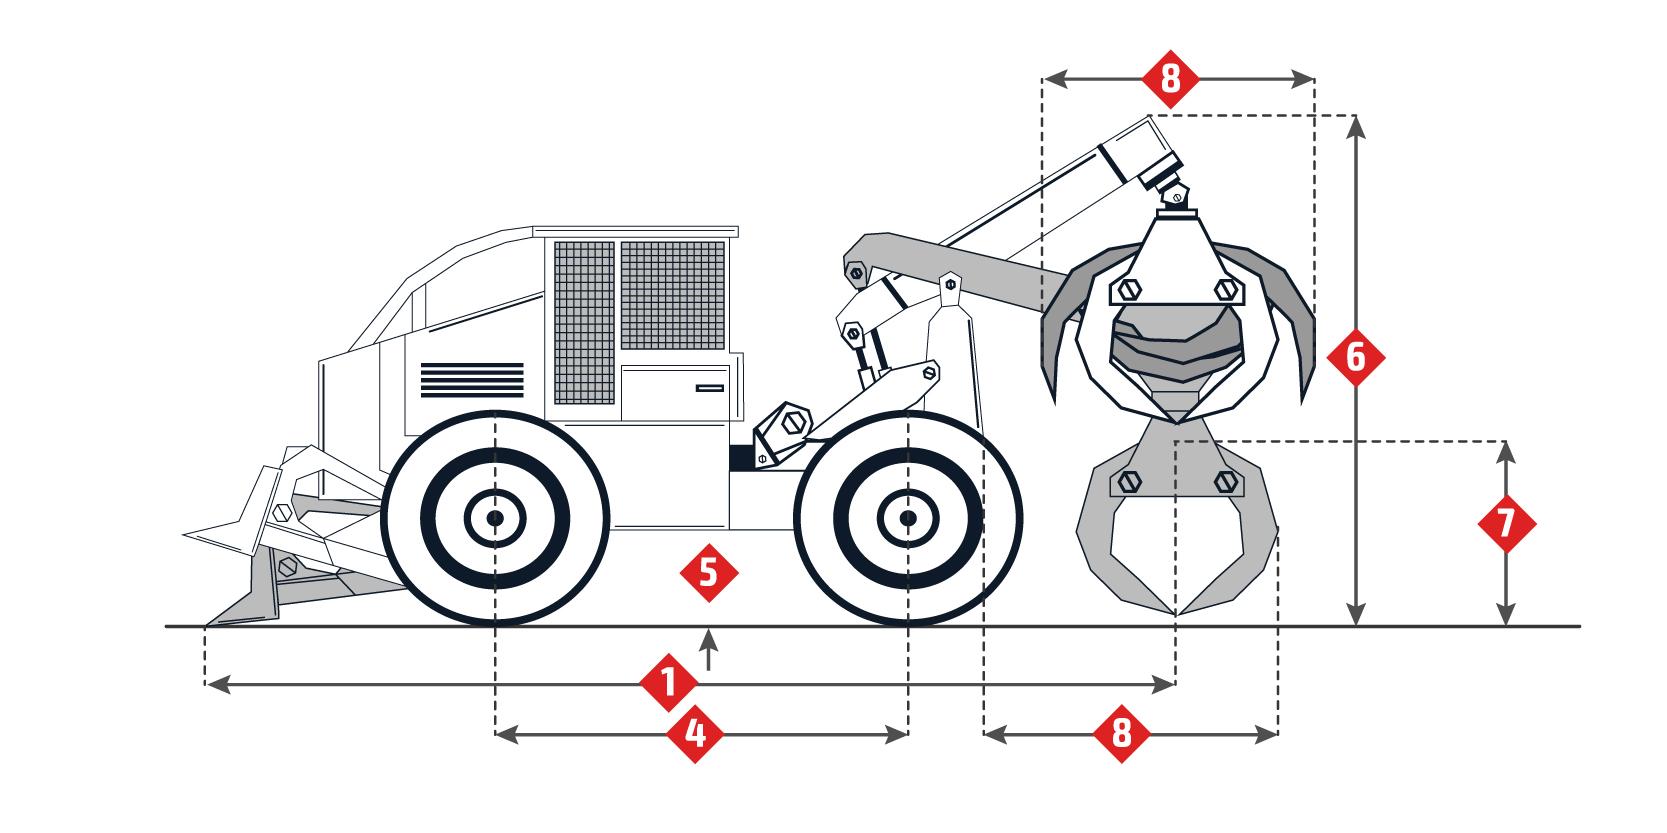 Caterpillar 518 Specifications Skidding Tractor Skidder